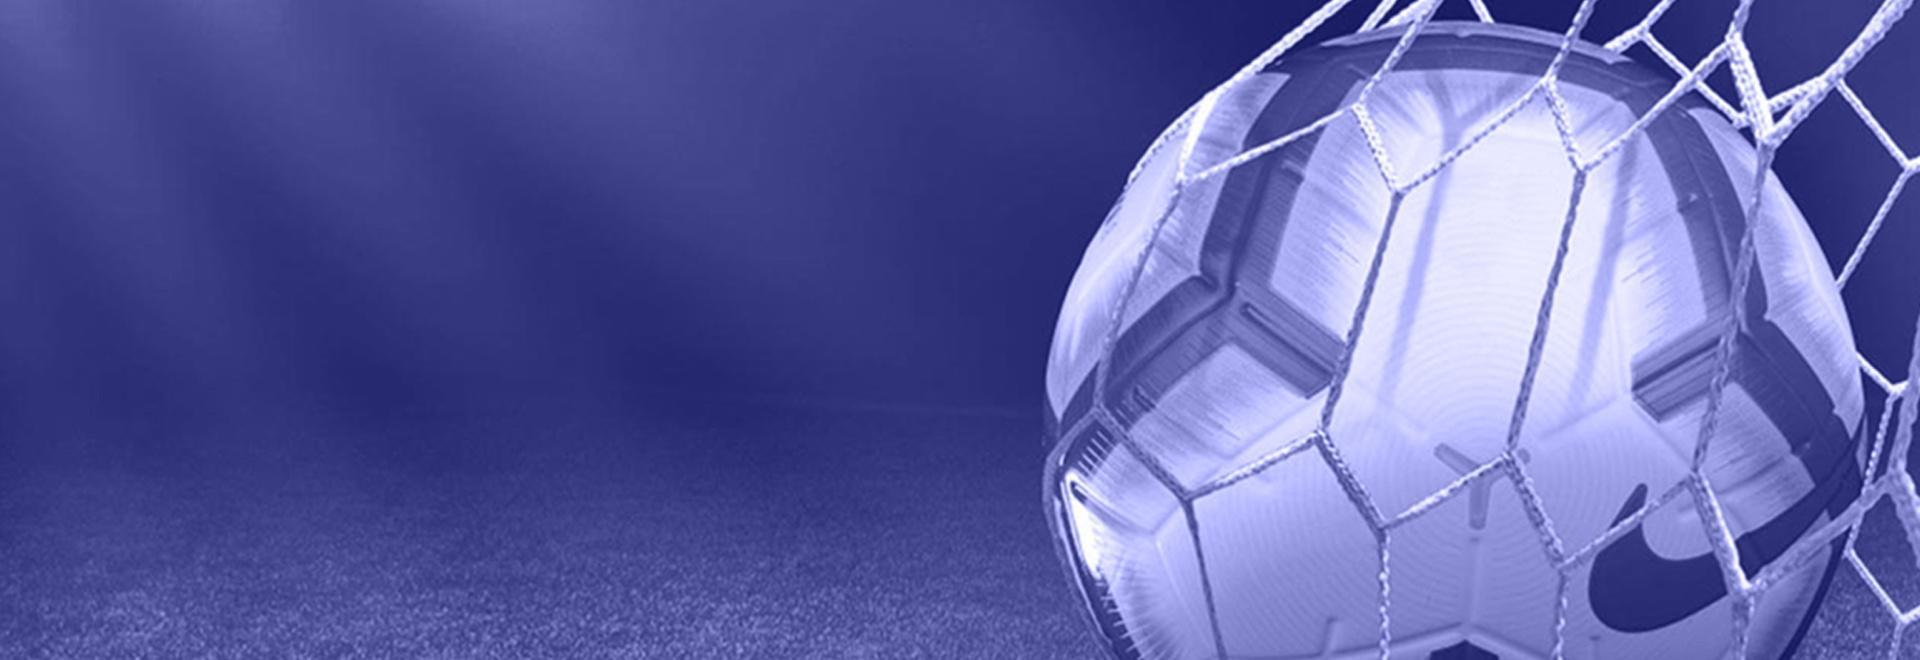 Lazio - Roma 19/03/08. 29a g.